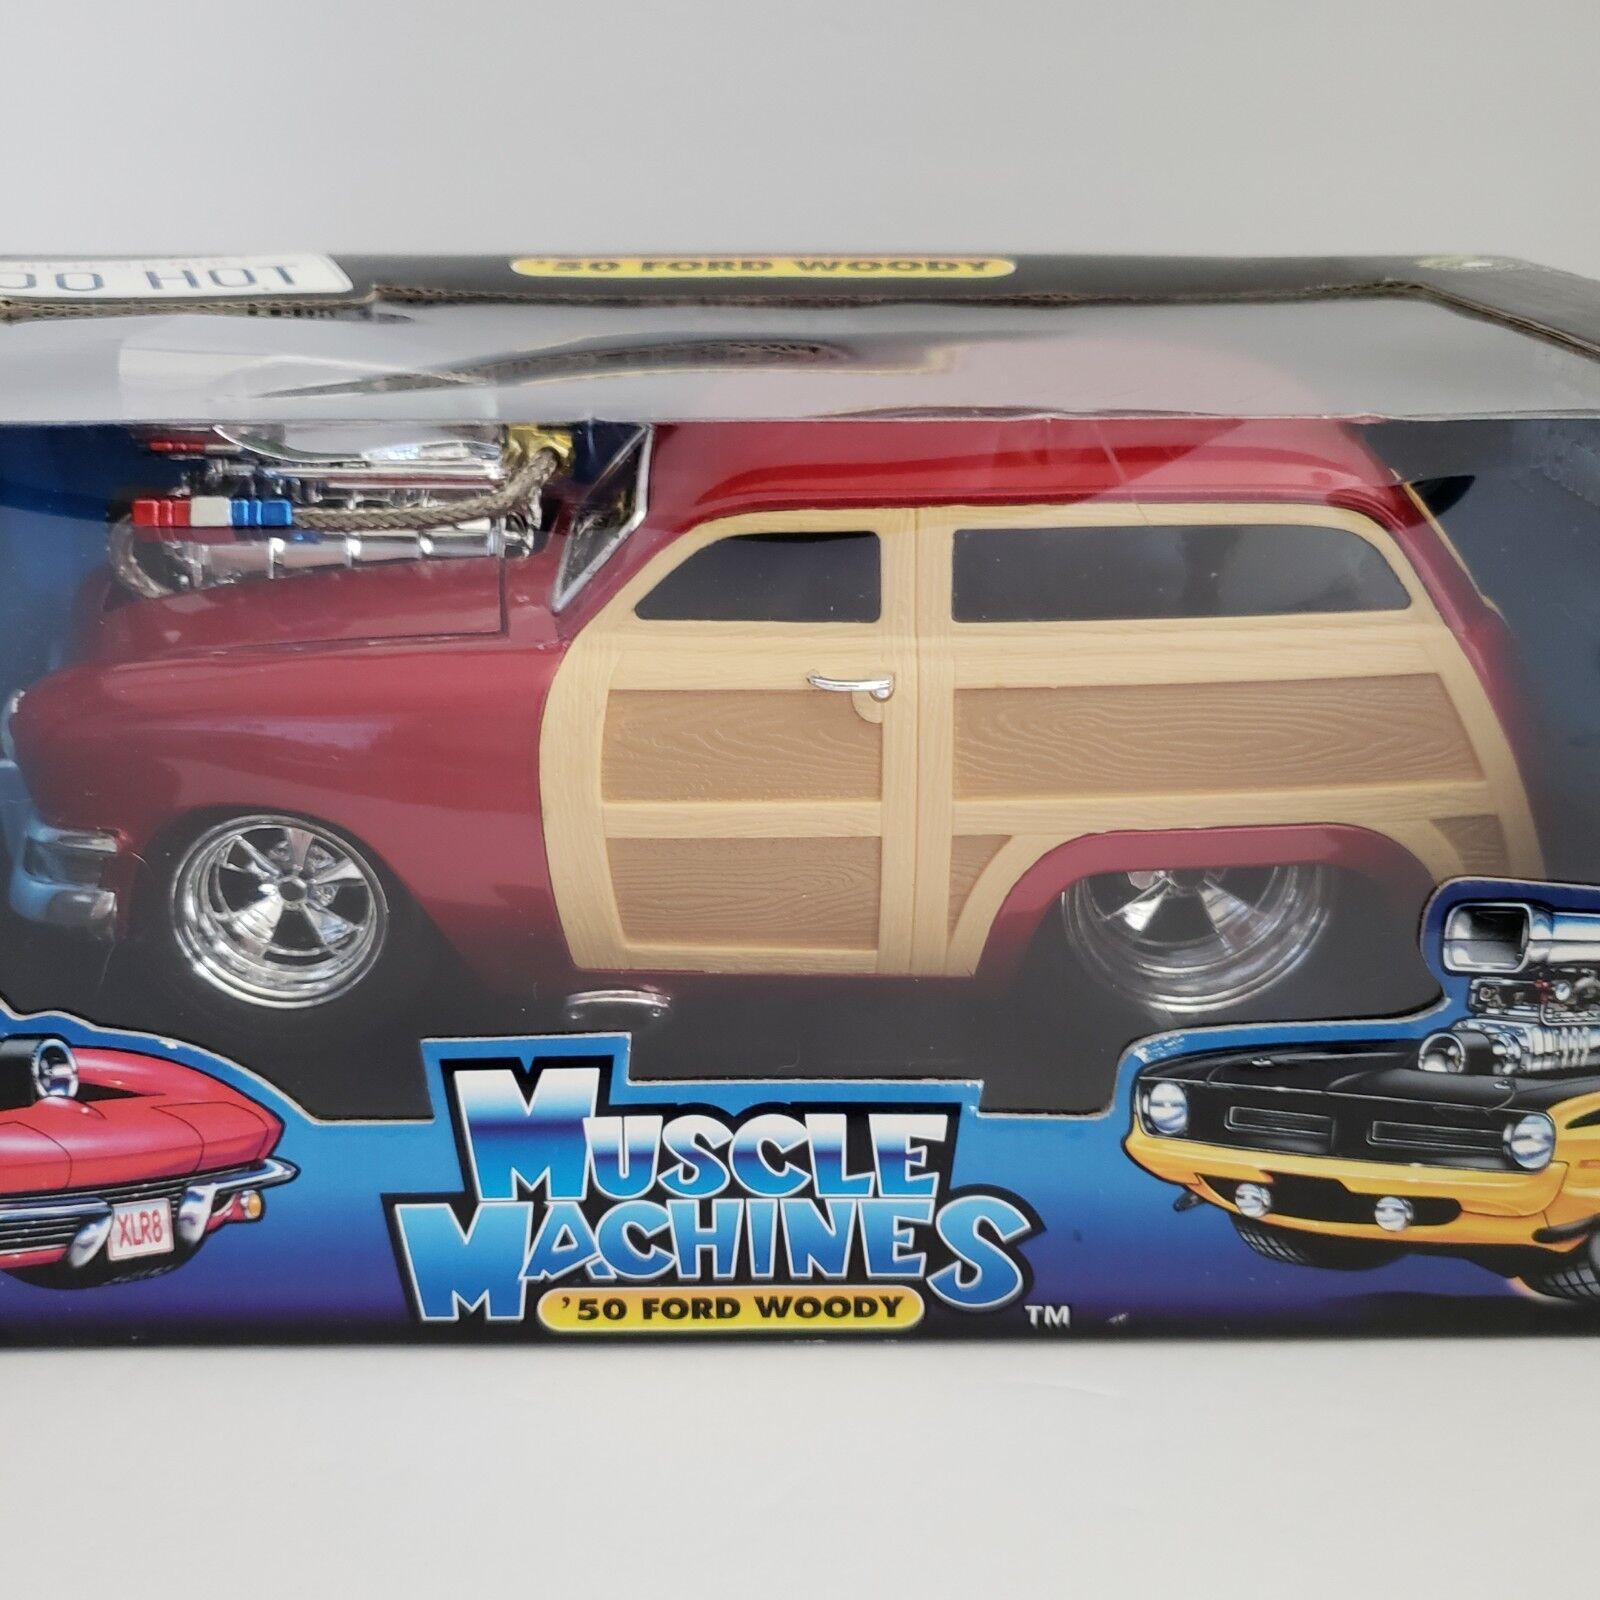 cómodo 1950 Ford Woody Wagon Rojo muscular muscular muscular máquinas 1 18 Scale Die Cast demasiado caliente Nuevo En Caja  online al mejor precio